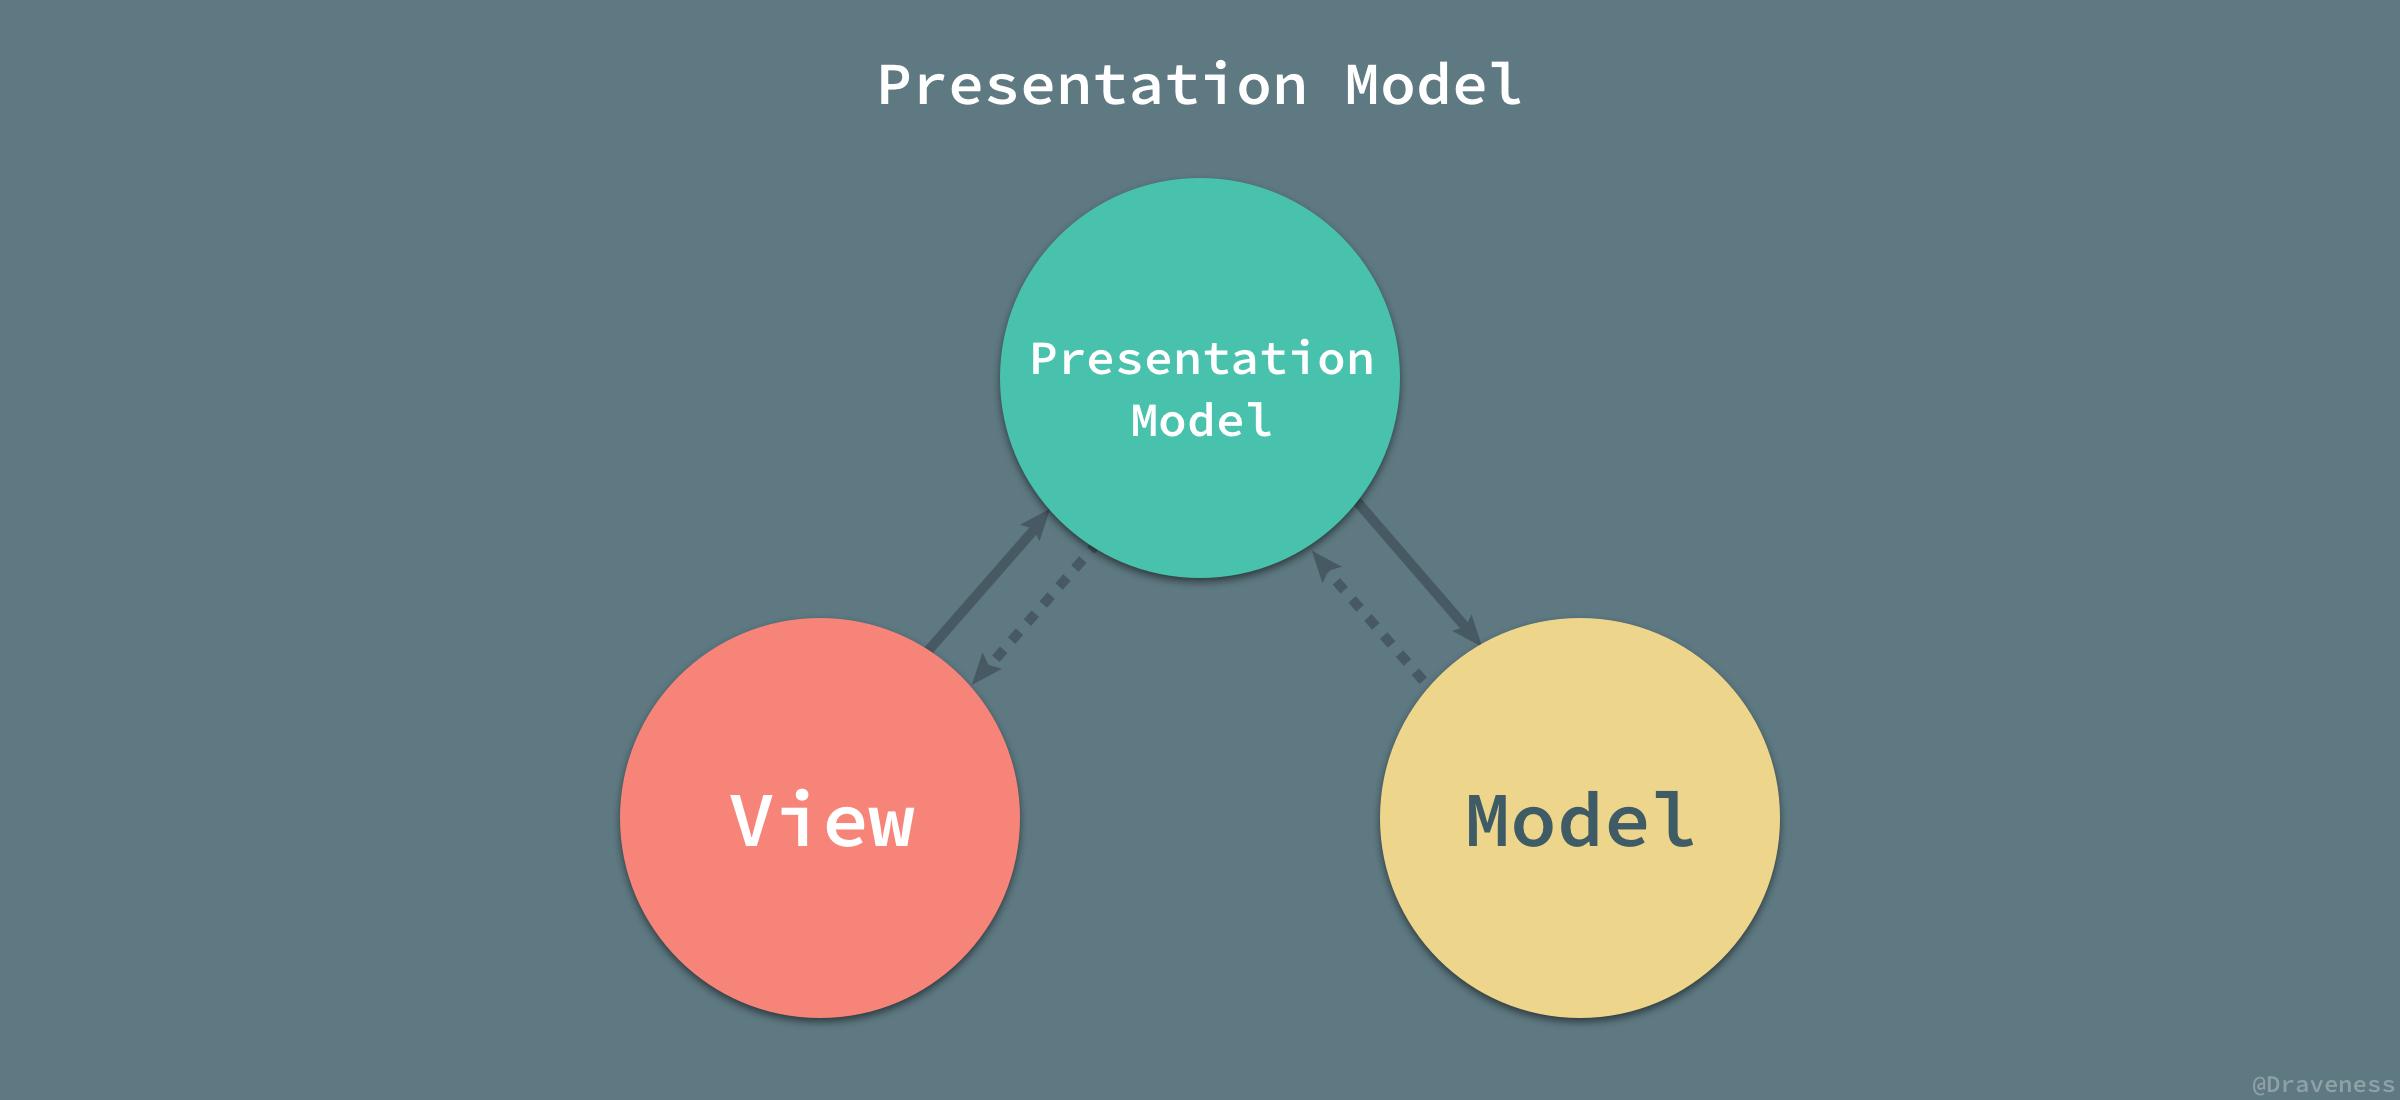 Presentation-Mode